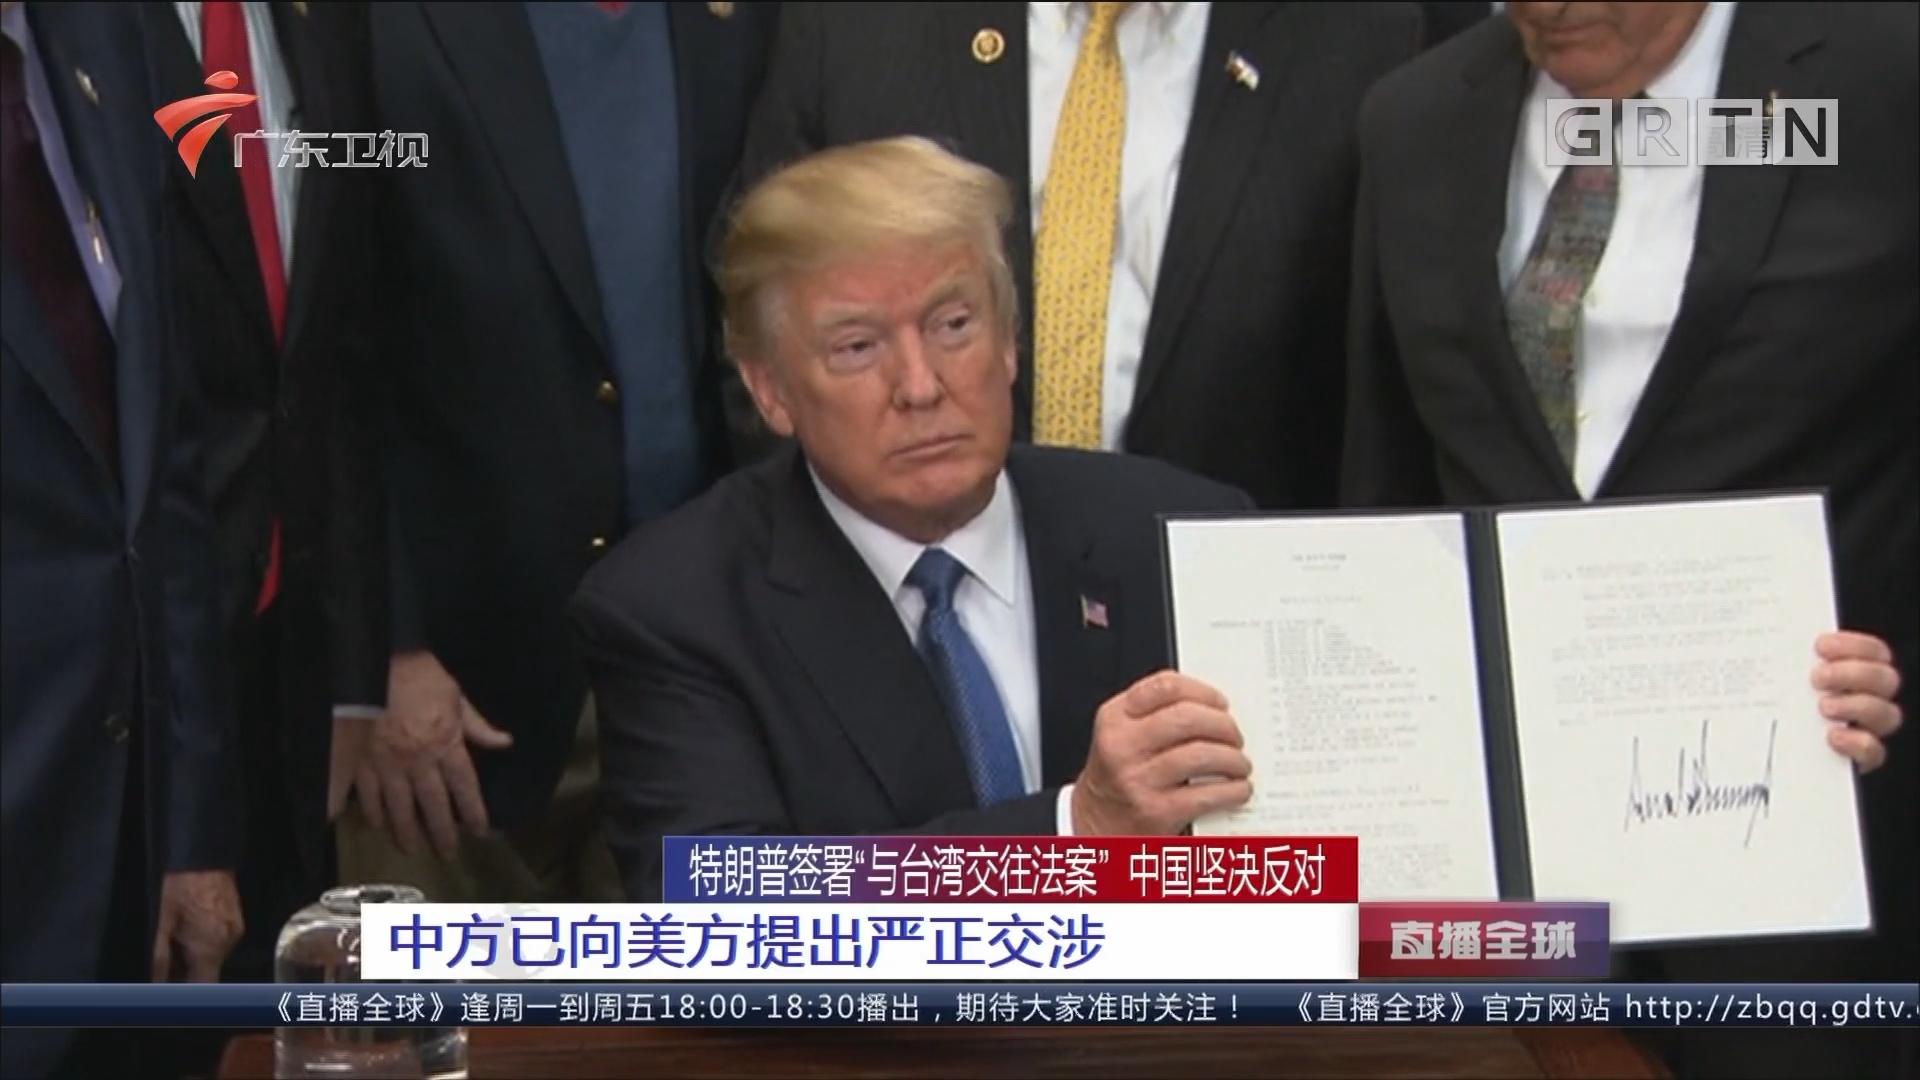 """特朗普签署""""与台湾交往法案"""" 中国坚决反对:中方已向美方提出严正交涉"""